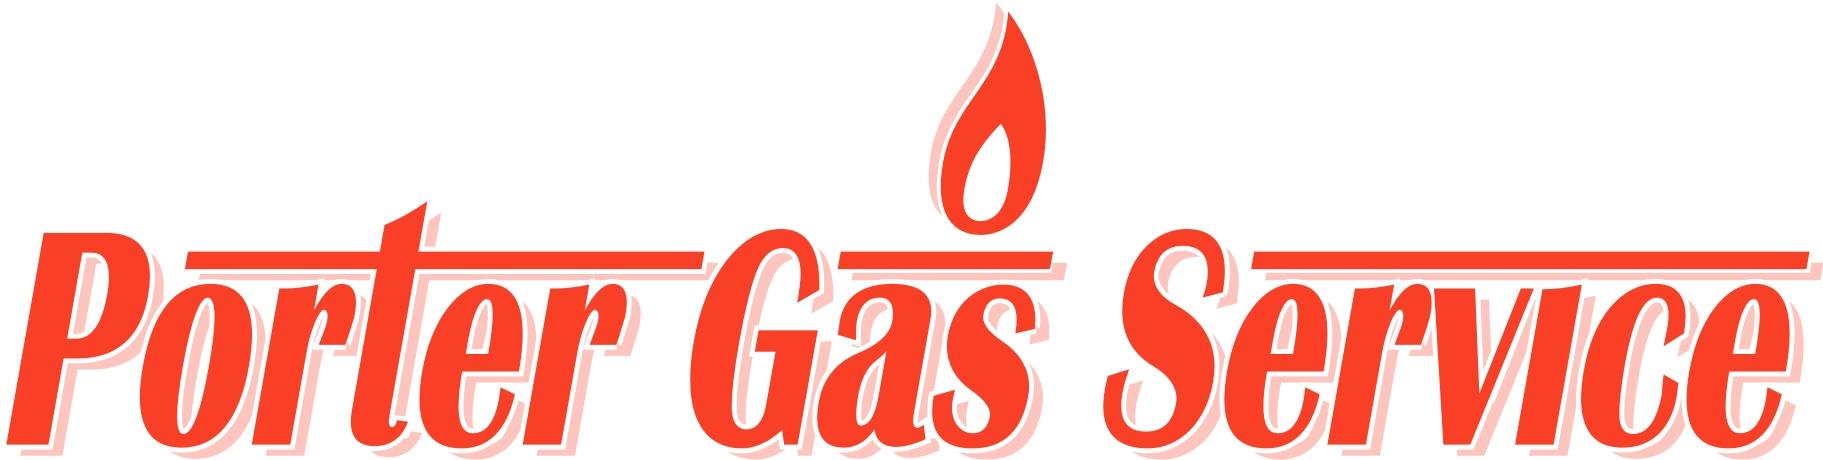 Porter Gas Logo red (1).jpg